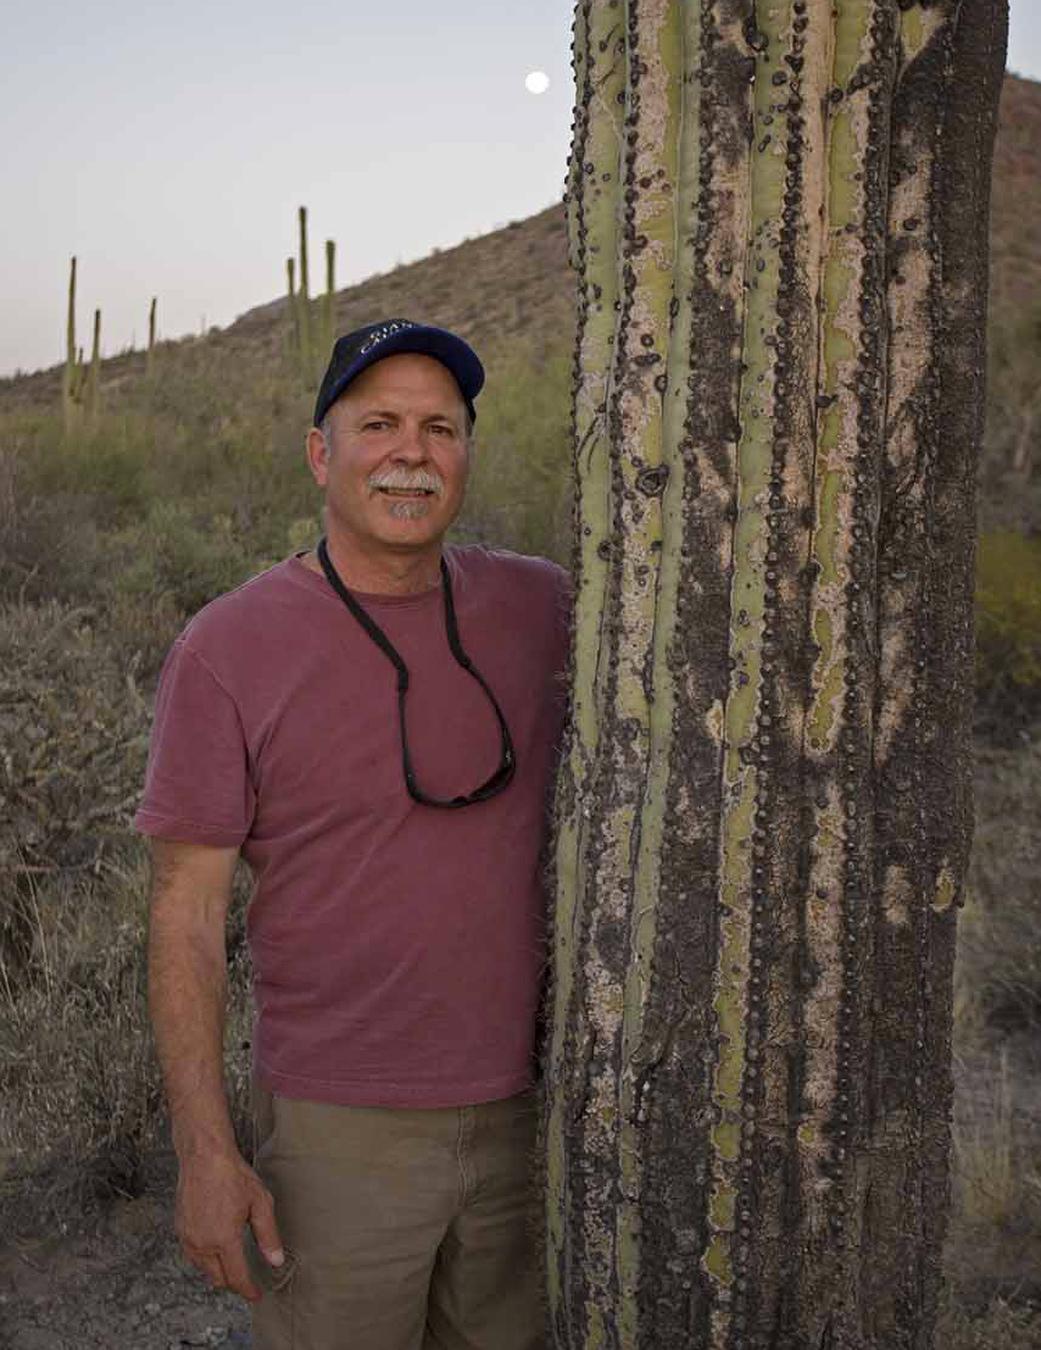 John Cancalosi saguaro